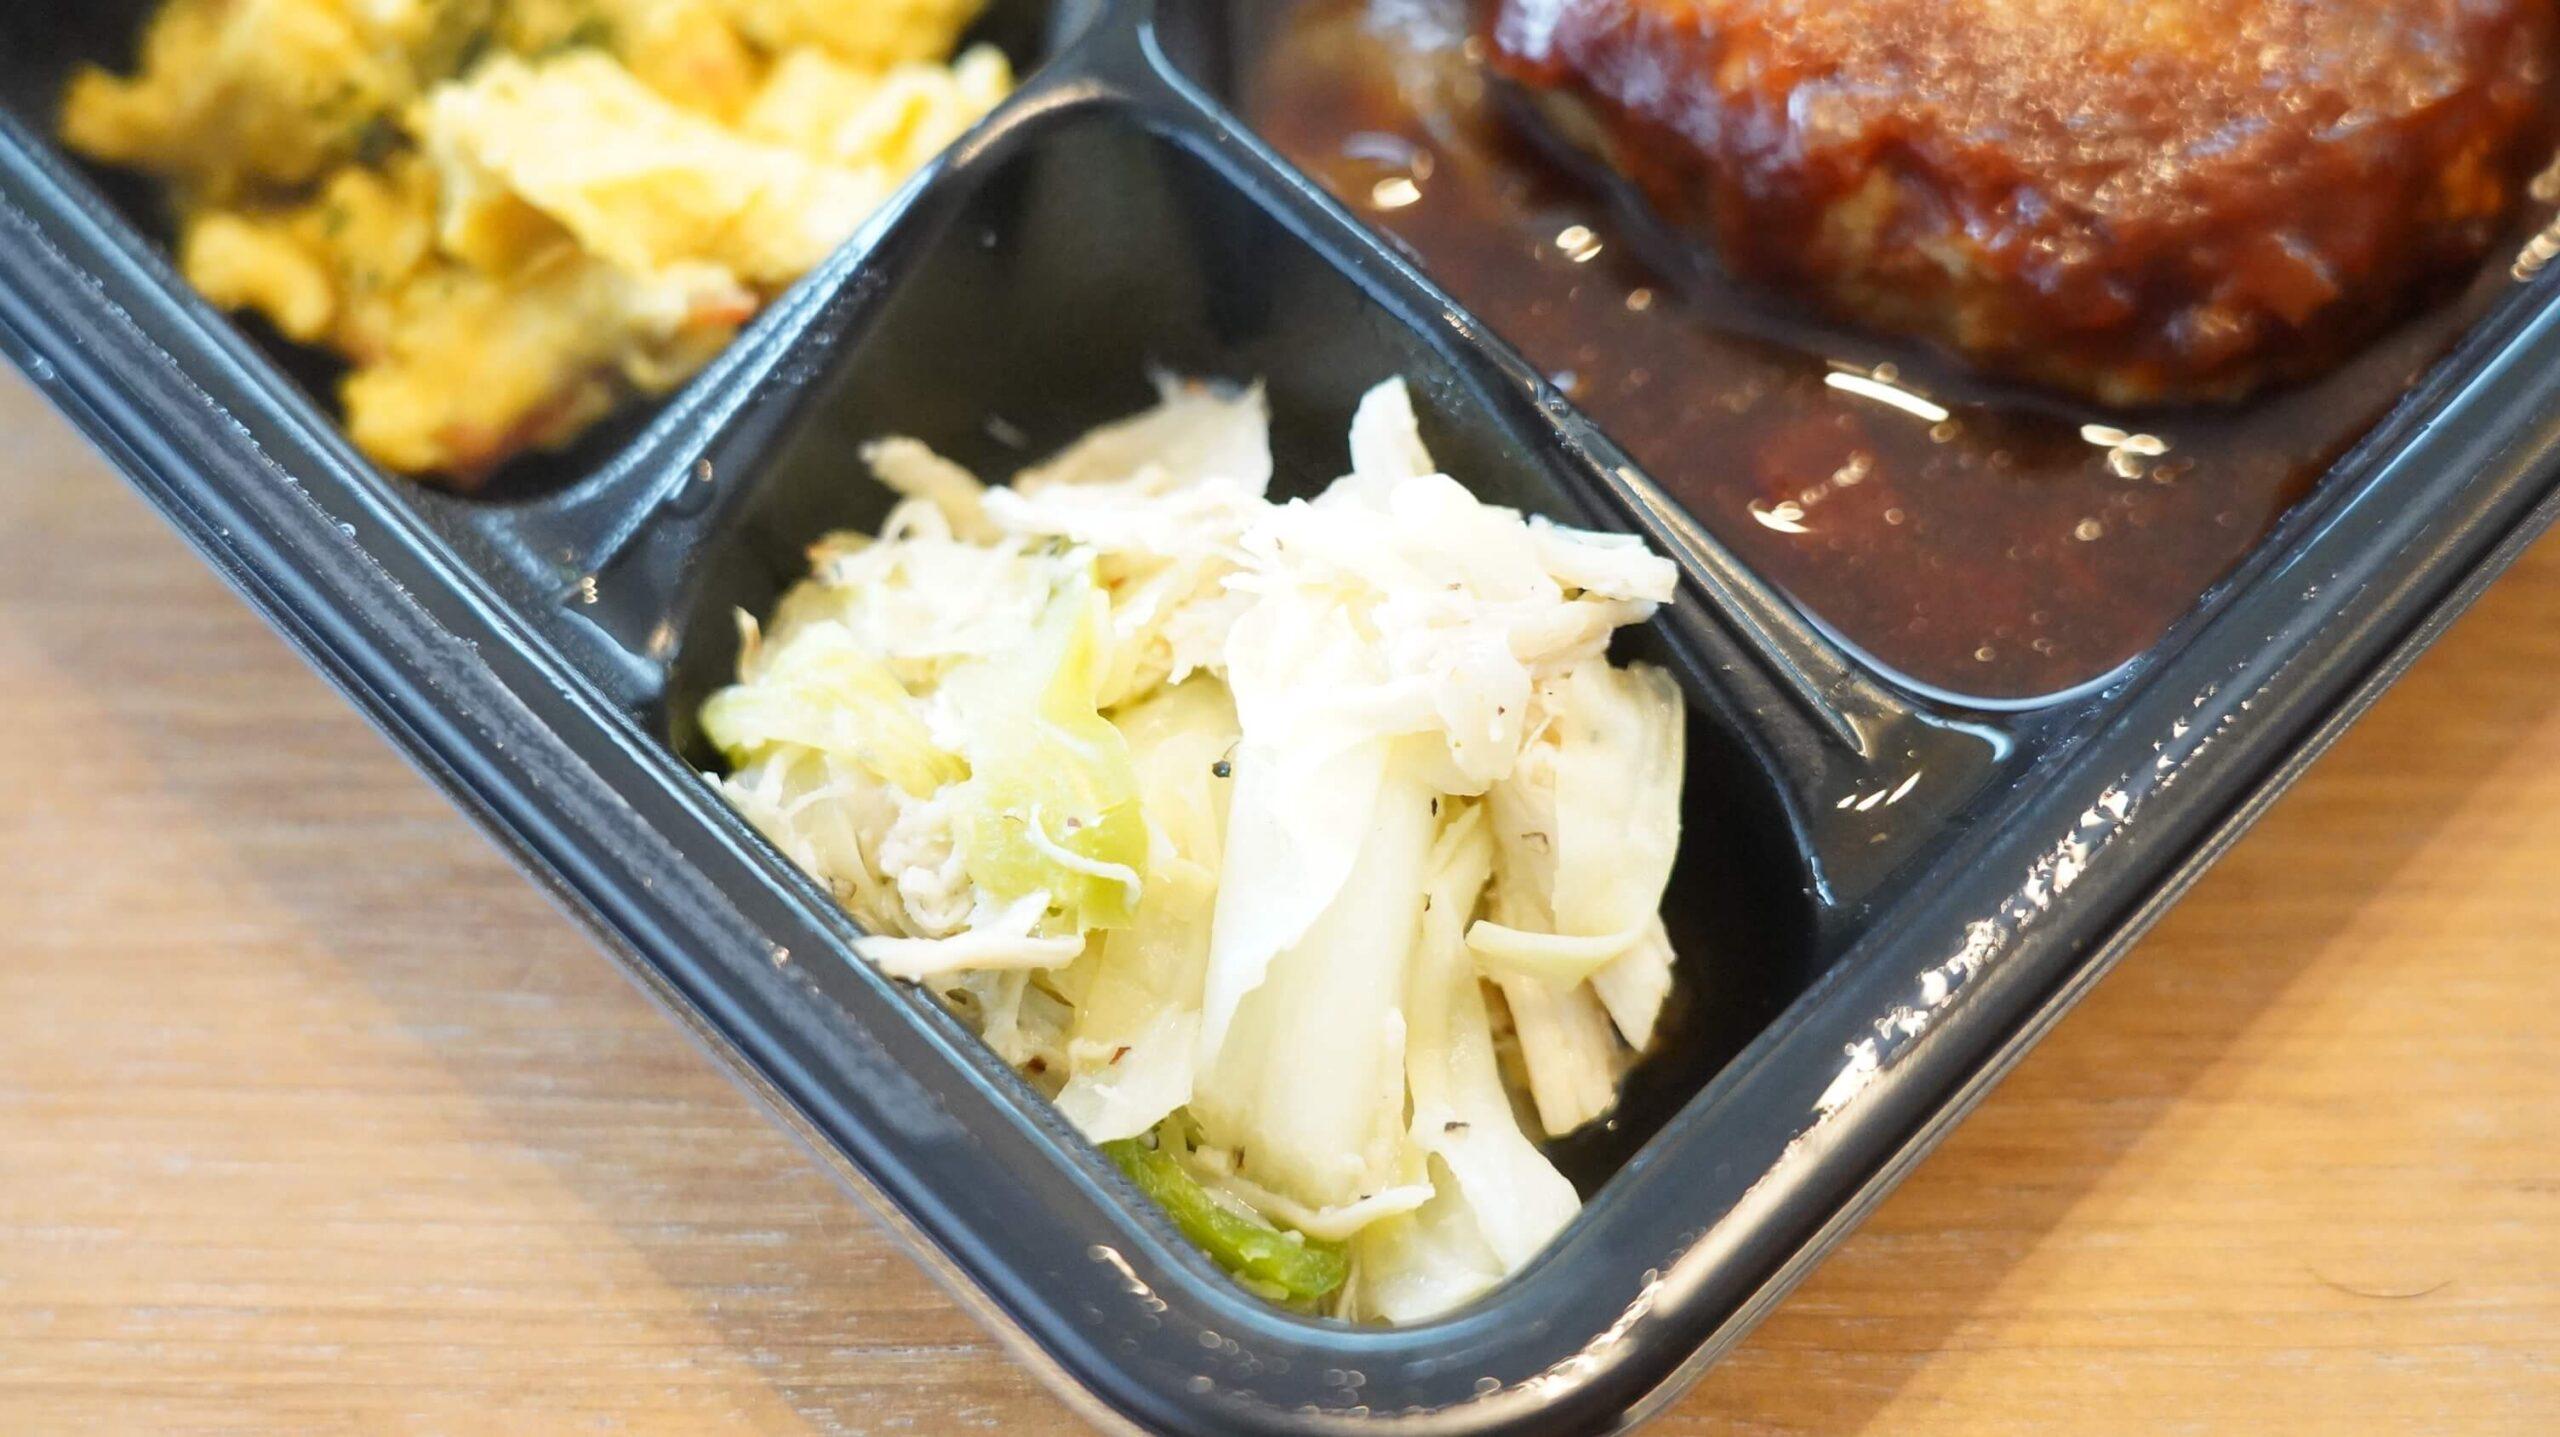 ライザップのサポートミール「デミグラスソースハンバーグ」の「野菜のペッパーソテー」の写真